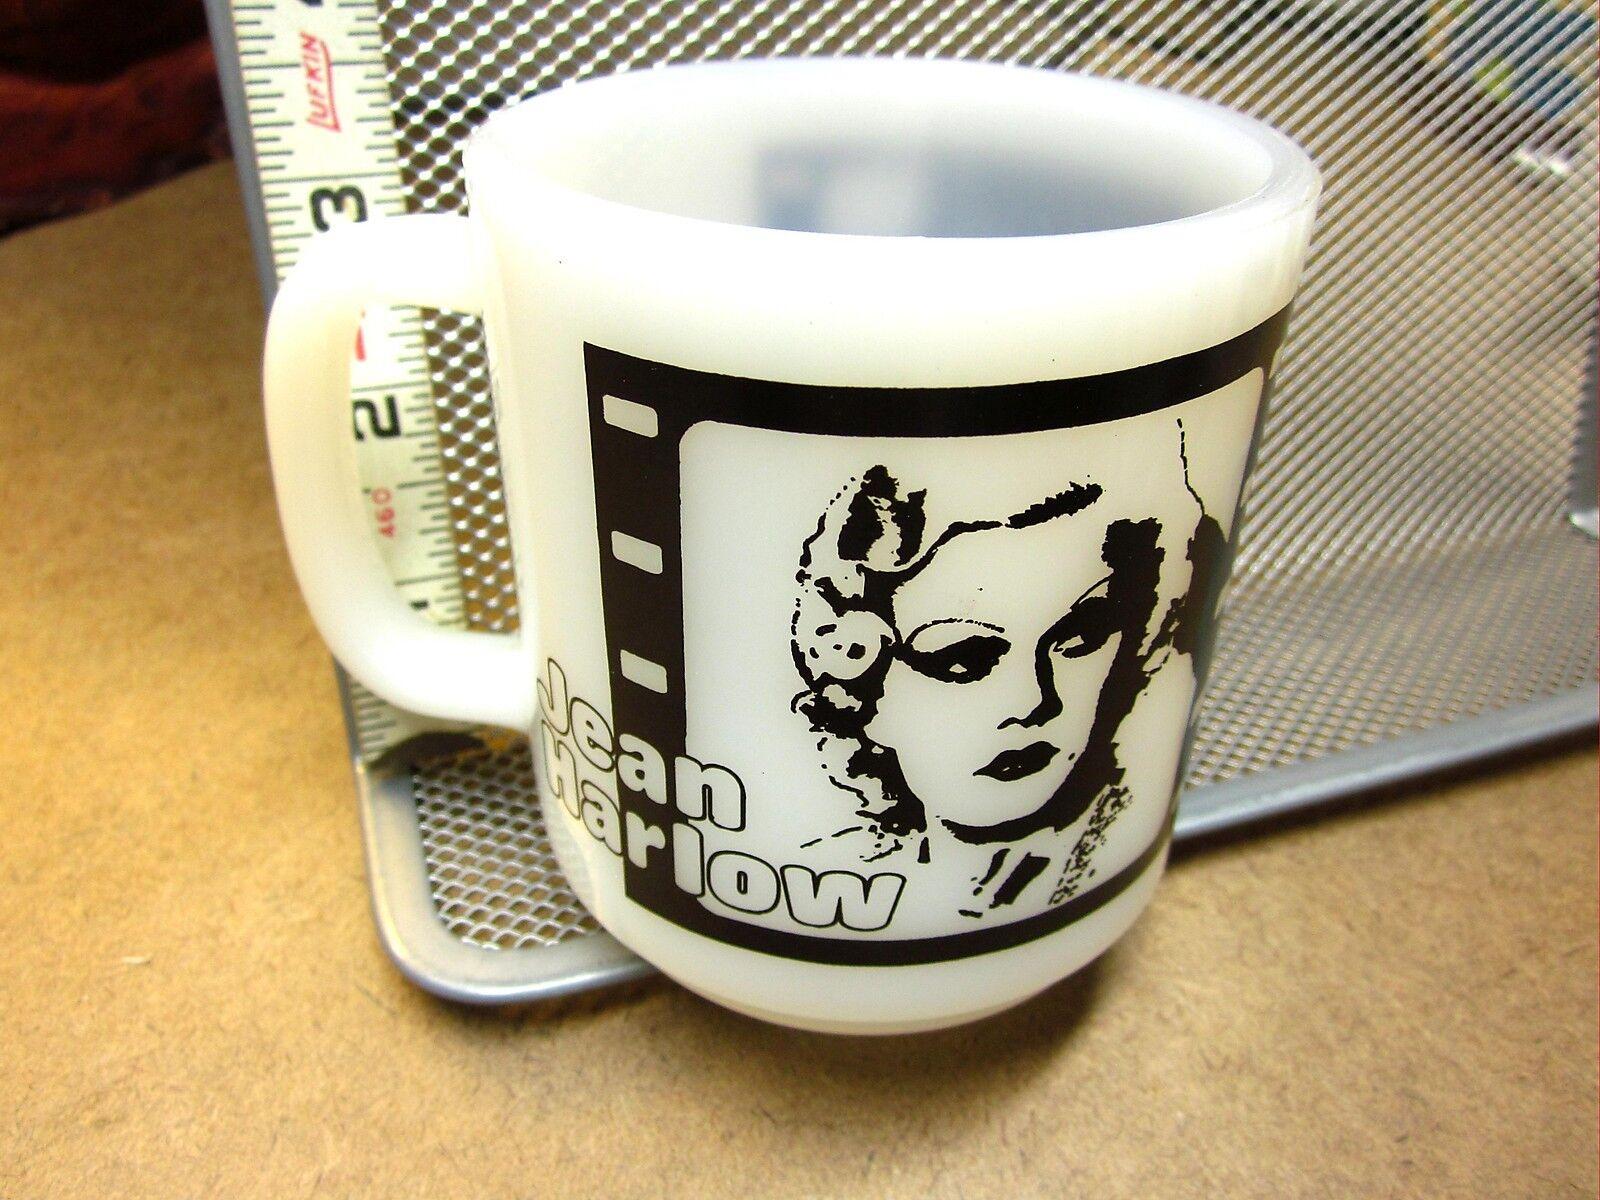 JEAN HARLOW blanc glass vtg mug CLARA BOW film-strip milk cup 1950s Hollywood